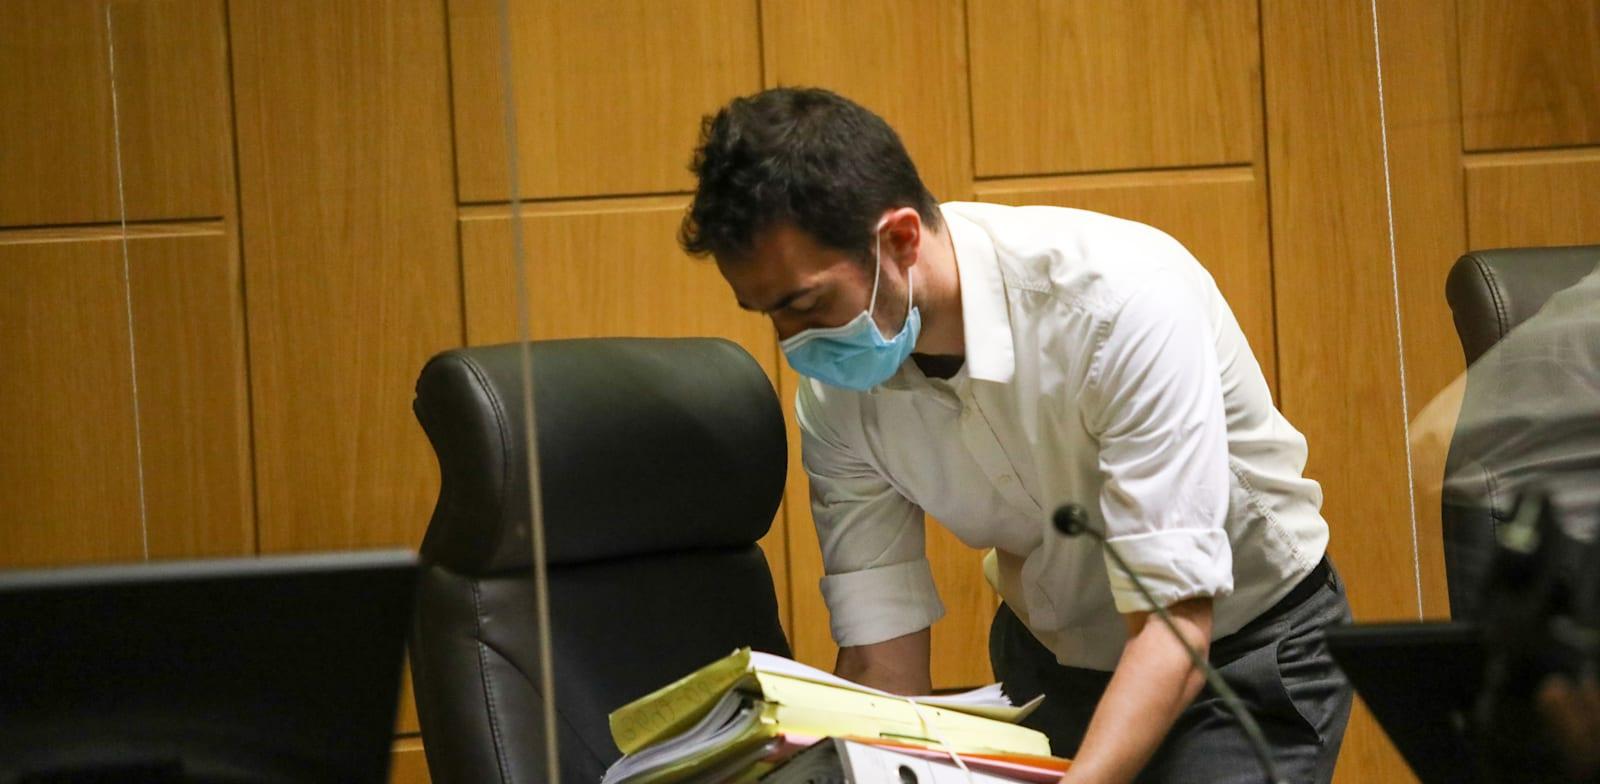 מסמכים בבית משפט. להקל בעומס הכבד על השופטים / צילום: שלומי יוסף